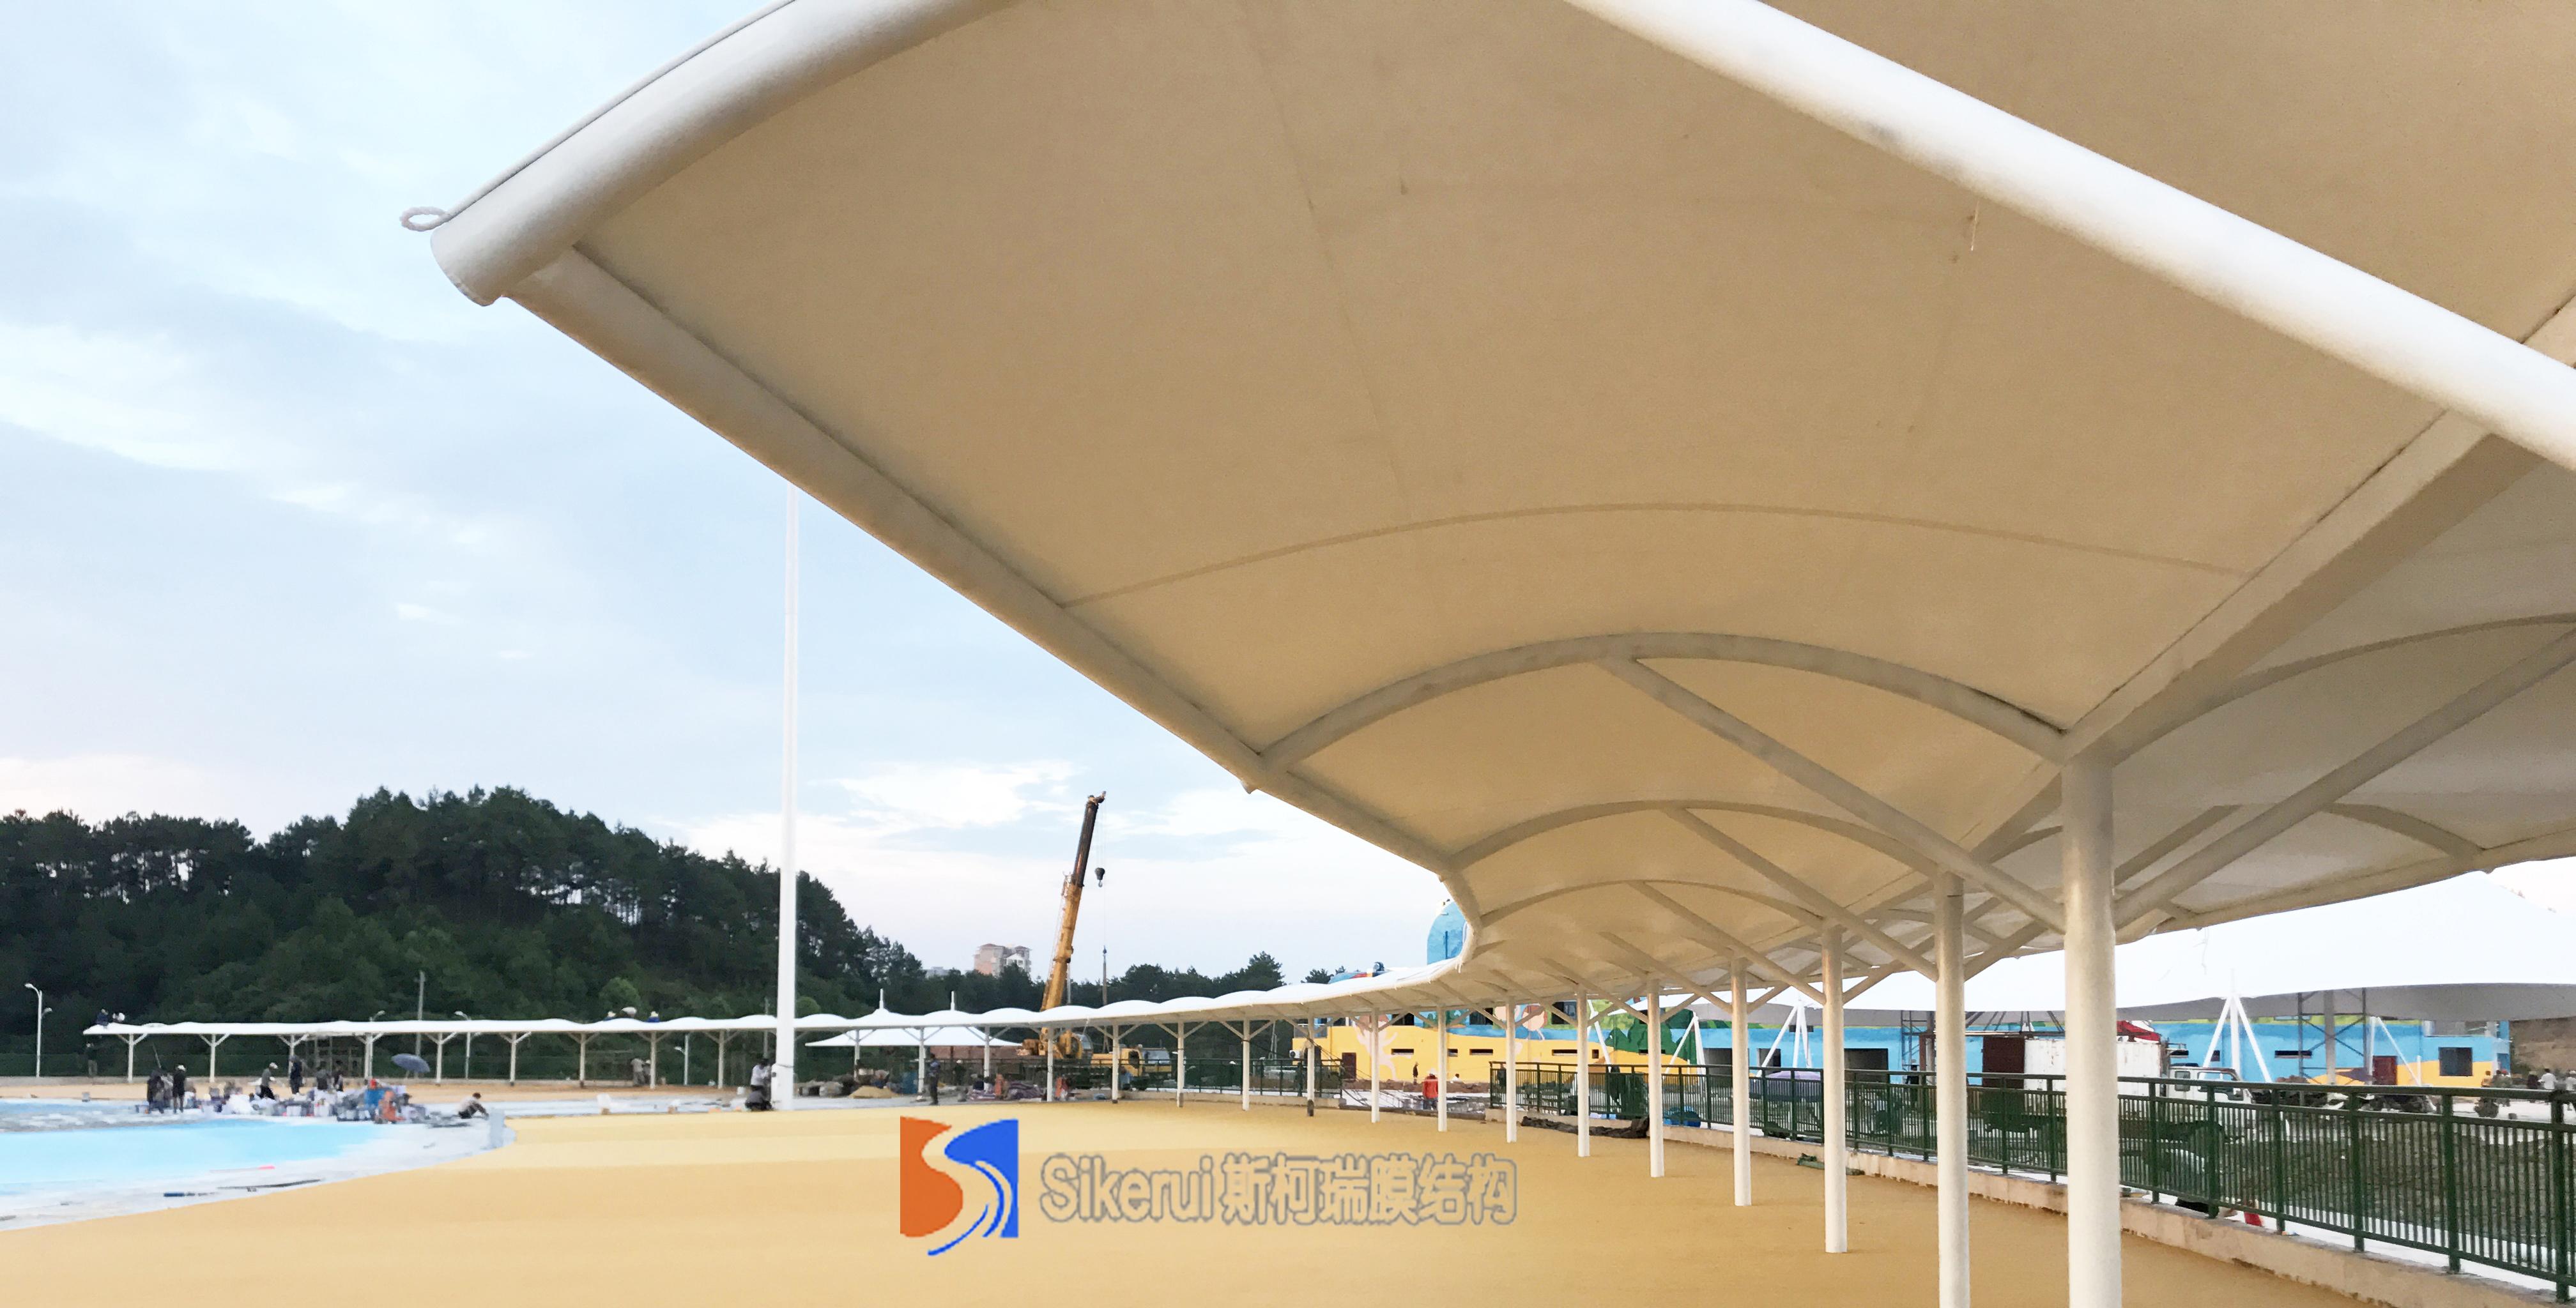 江西赣州水上乐园张拉膜项目